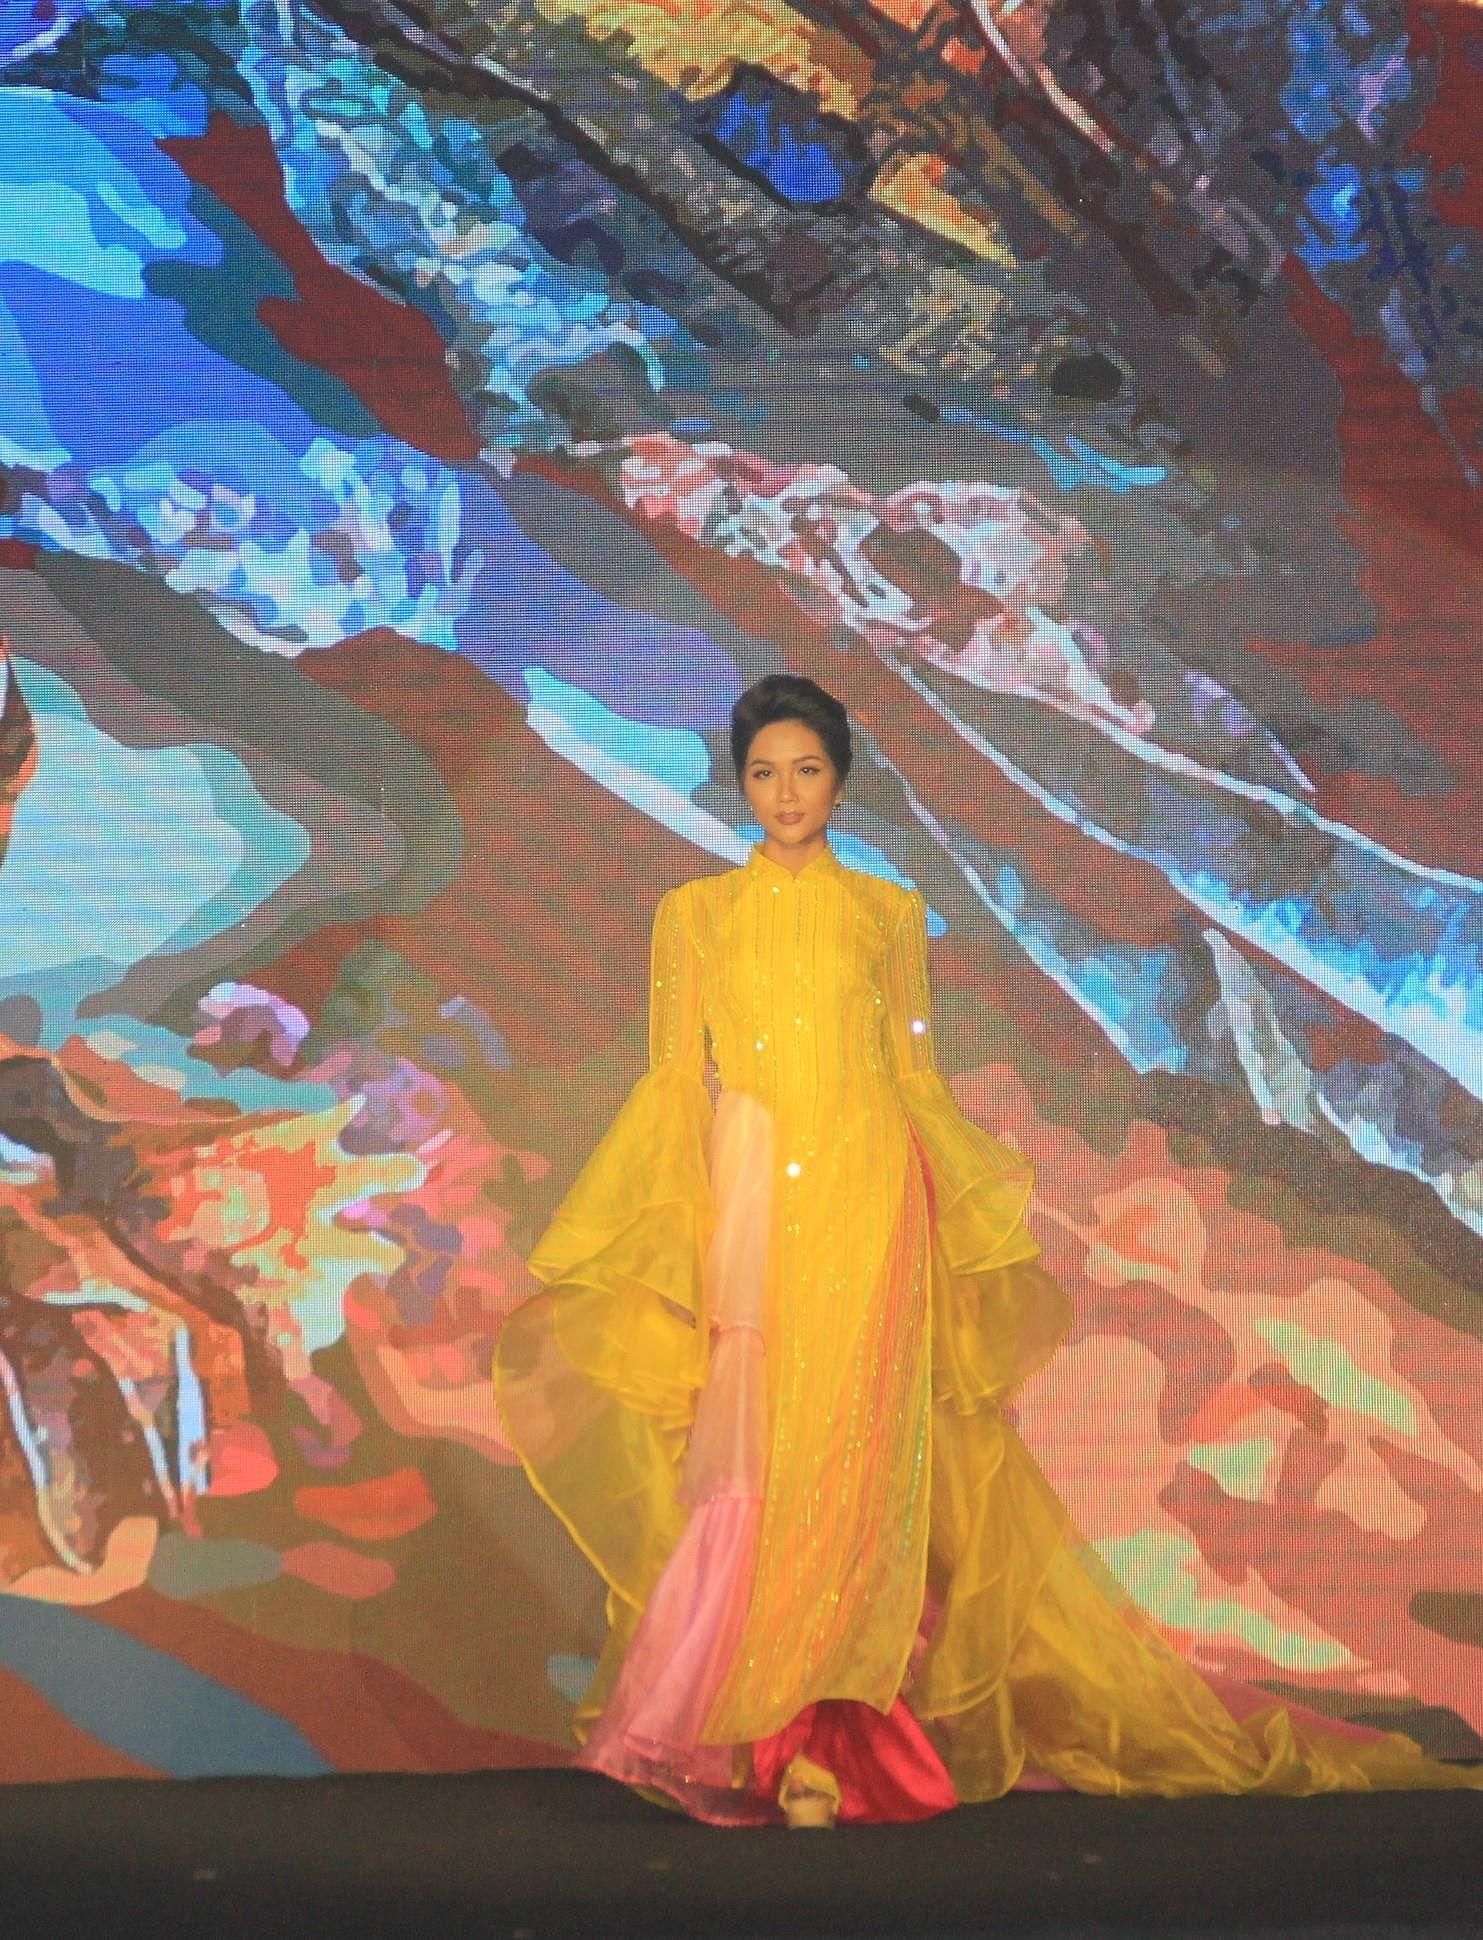 H'Hen Niê lộng lẫy diễn catwalk đêm bế mạc Lễ hội Áo dài TPHCM 2019 Ảnh 5